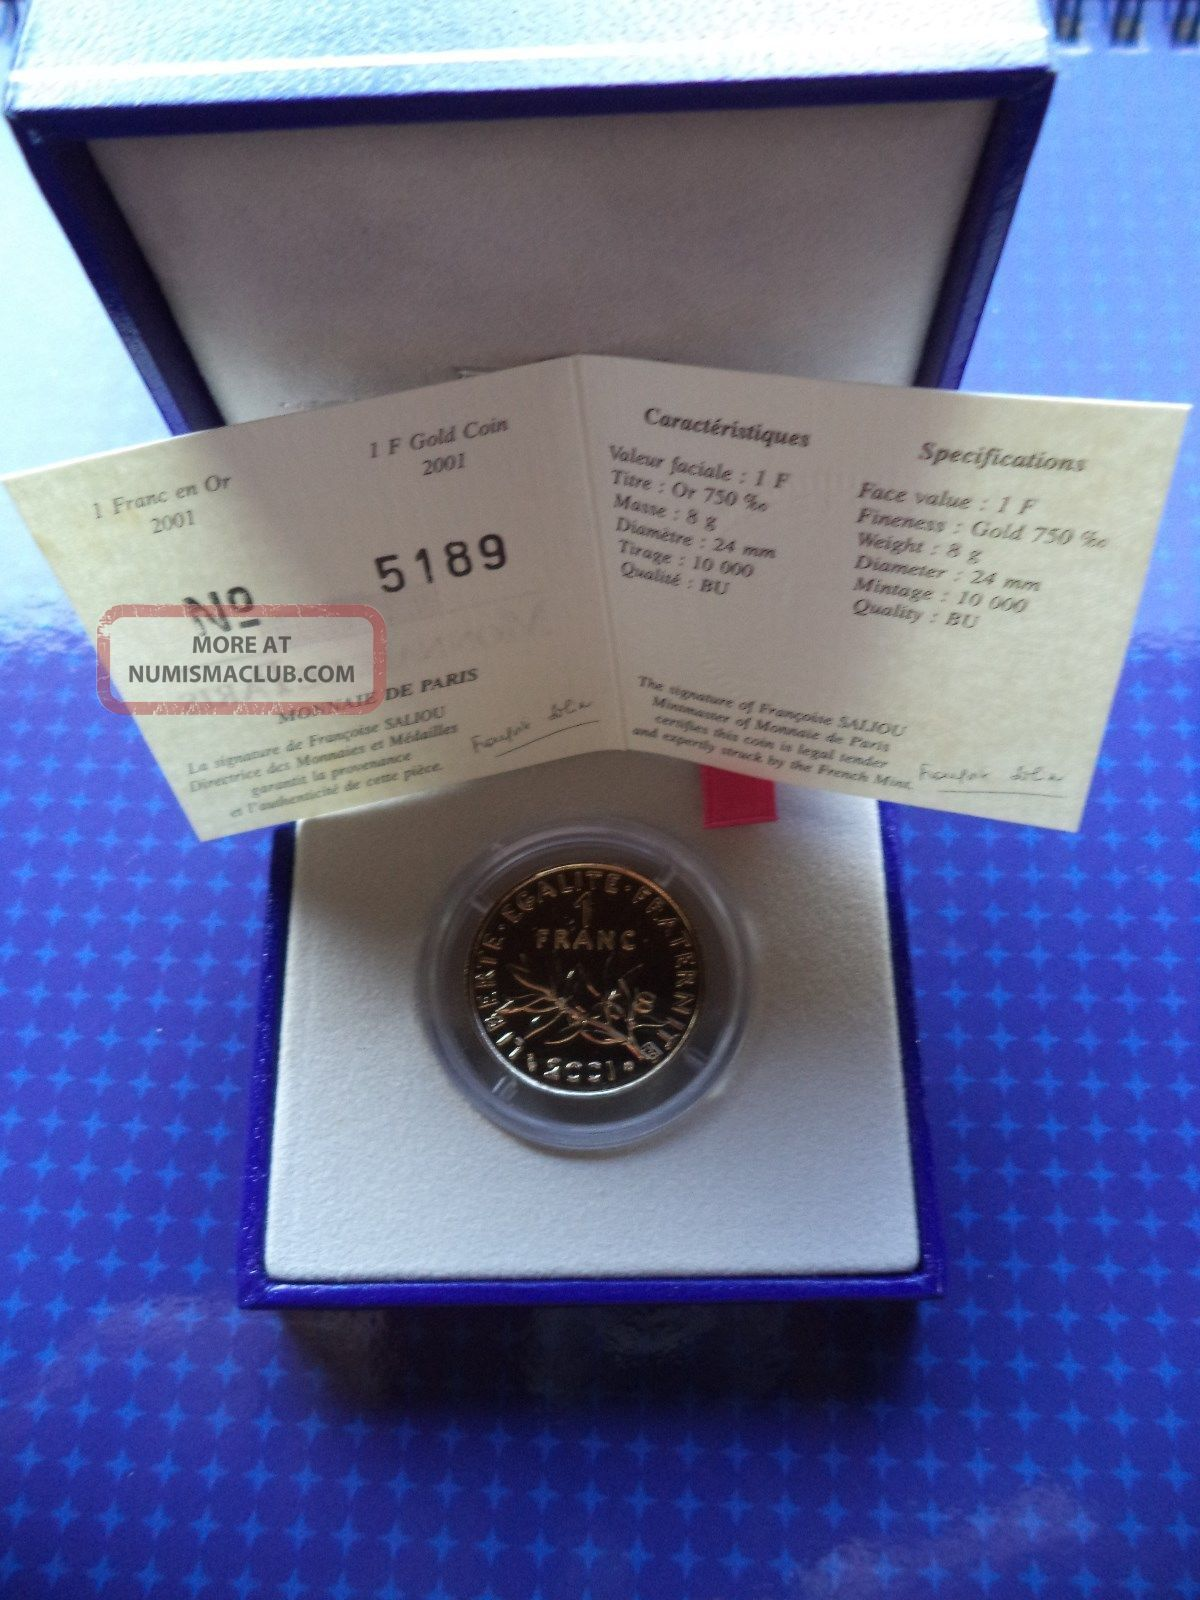 1 Franc En Or 2001 / 1 Gold Franc 2001 - 8gr - Monnaie Paris Europe photo